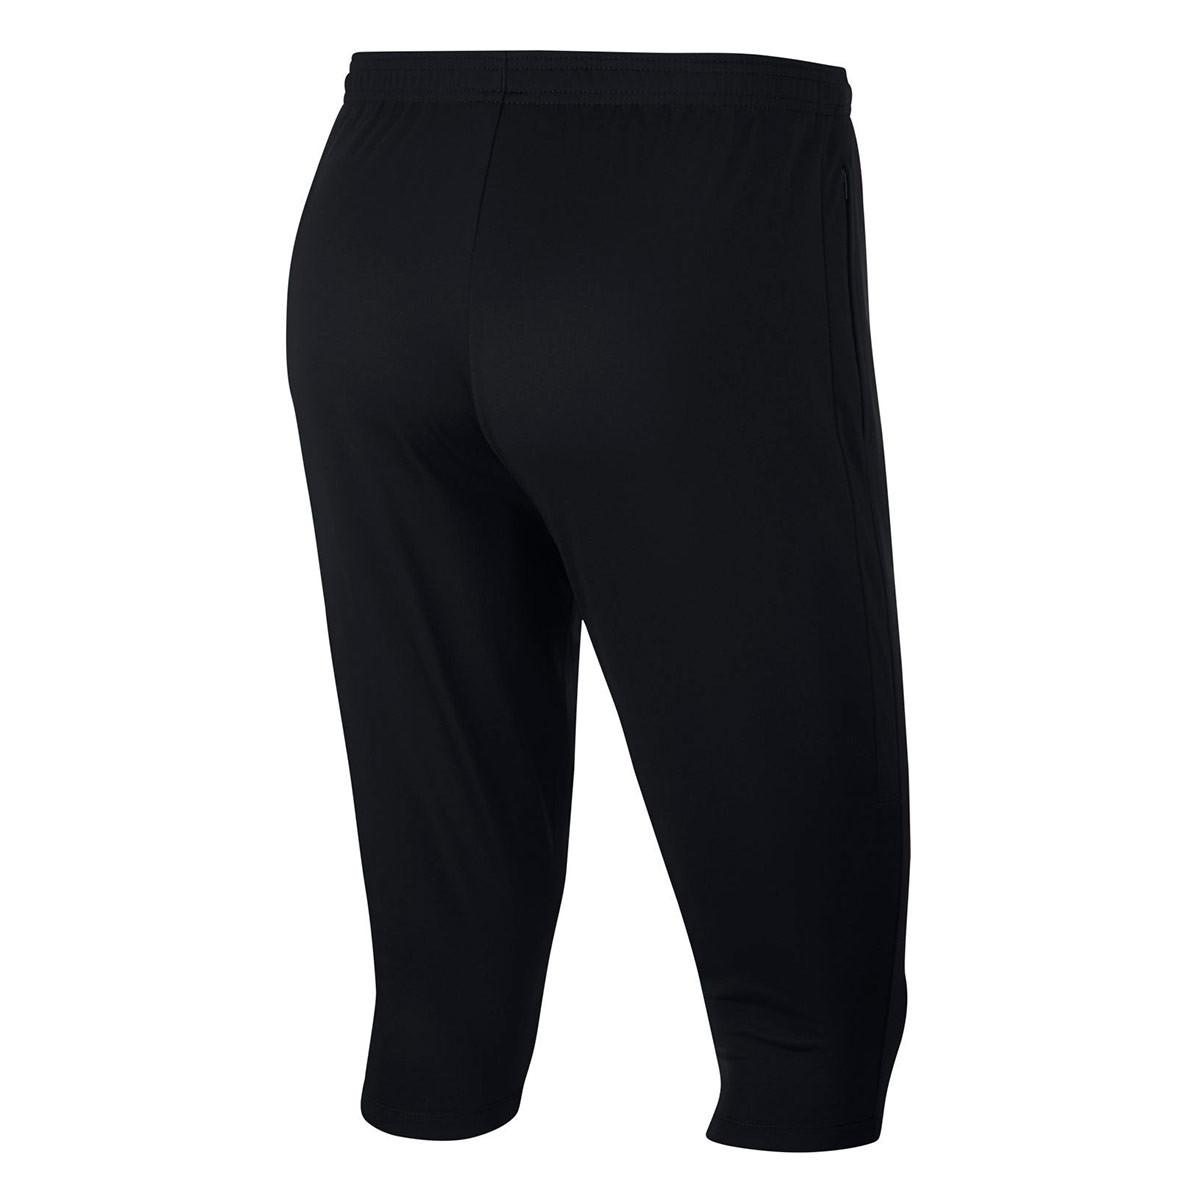 pantaloni 3/4 uomo nike